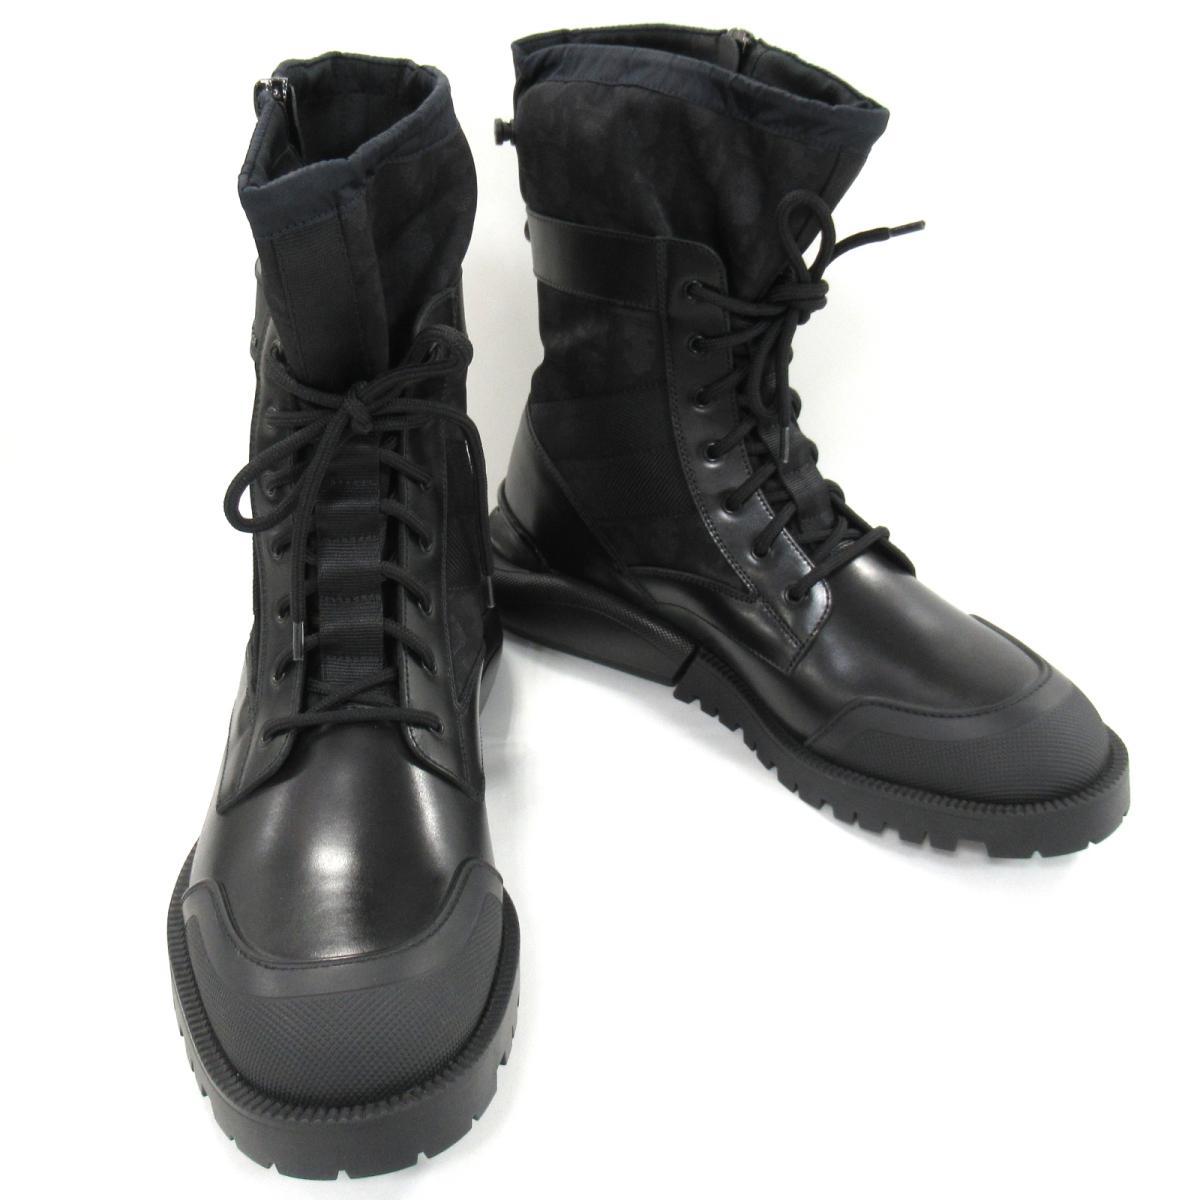 【中古】クリスチャン・ディオール コンバット・ハイトップブーツ 靴 メンズ レザーxラバー ブラック (3BO218YOF)